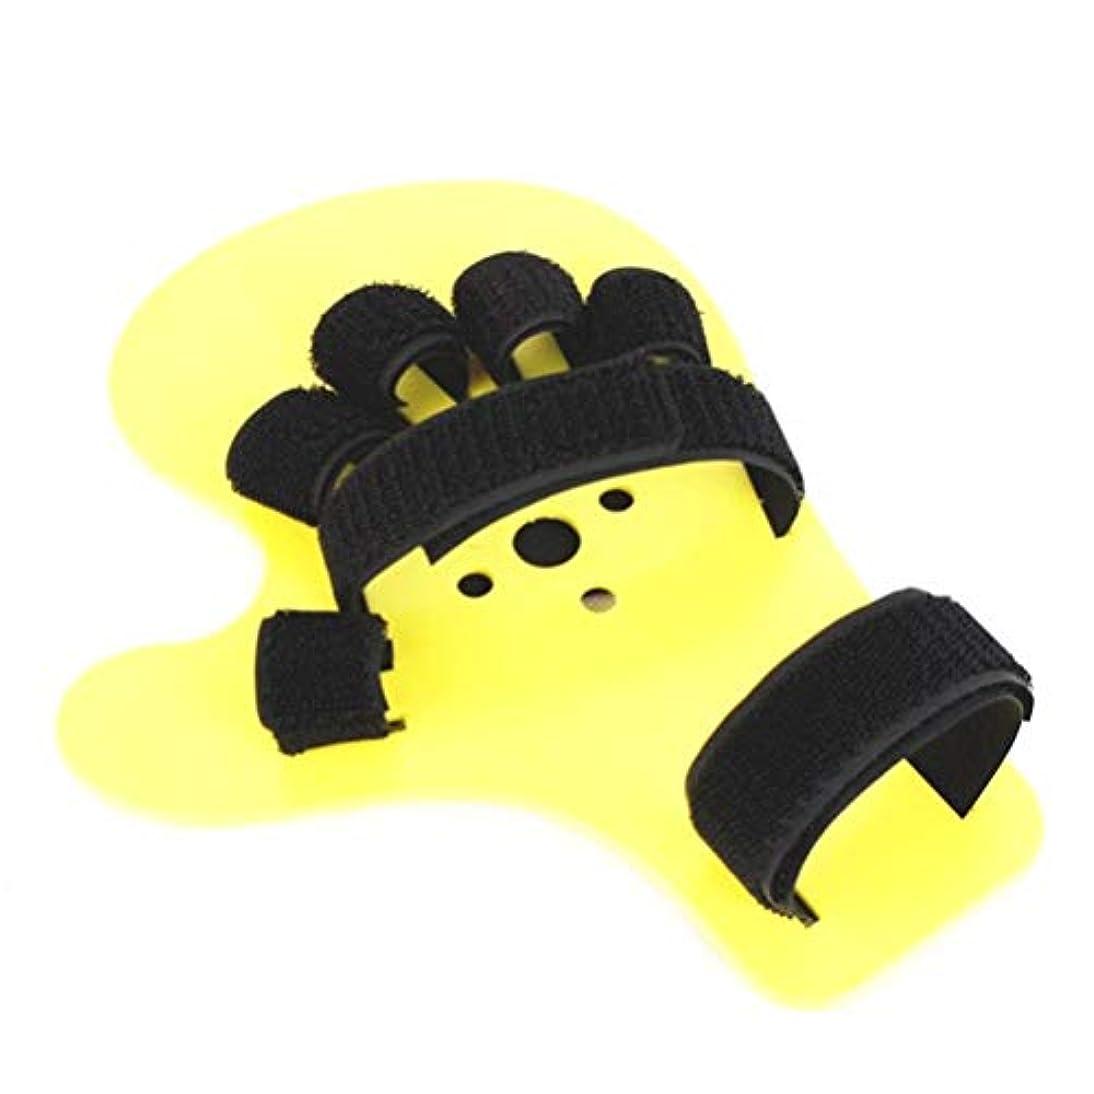 することになっている支援優遇ABS調節可能な大人の指のトレーニング機器、/片麻痺/外傷性脳損傷リハビリテーション機器-左利きと右利き脳卒中の指インソール指ポイント